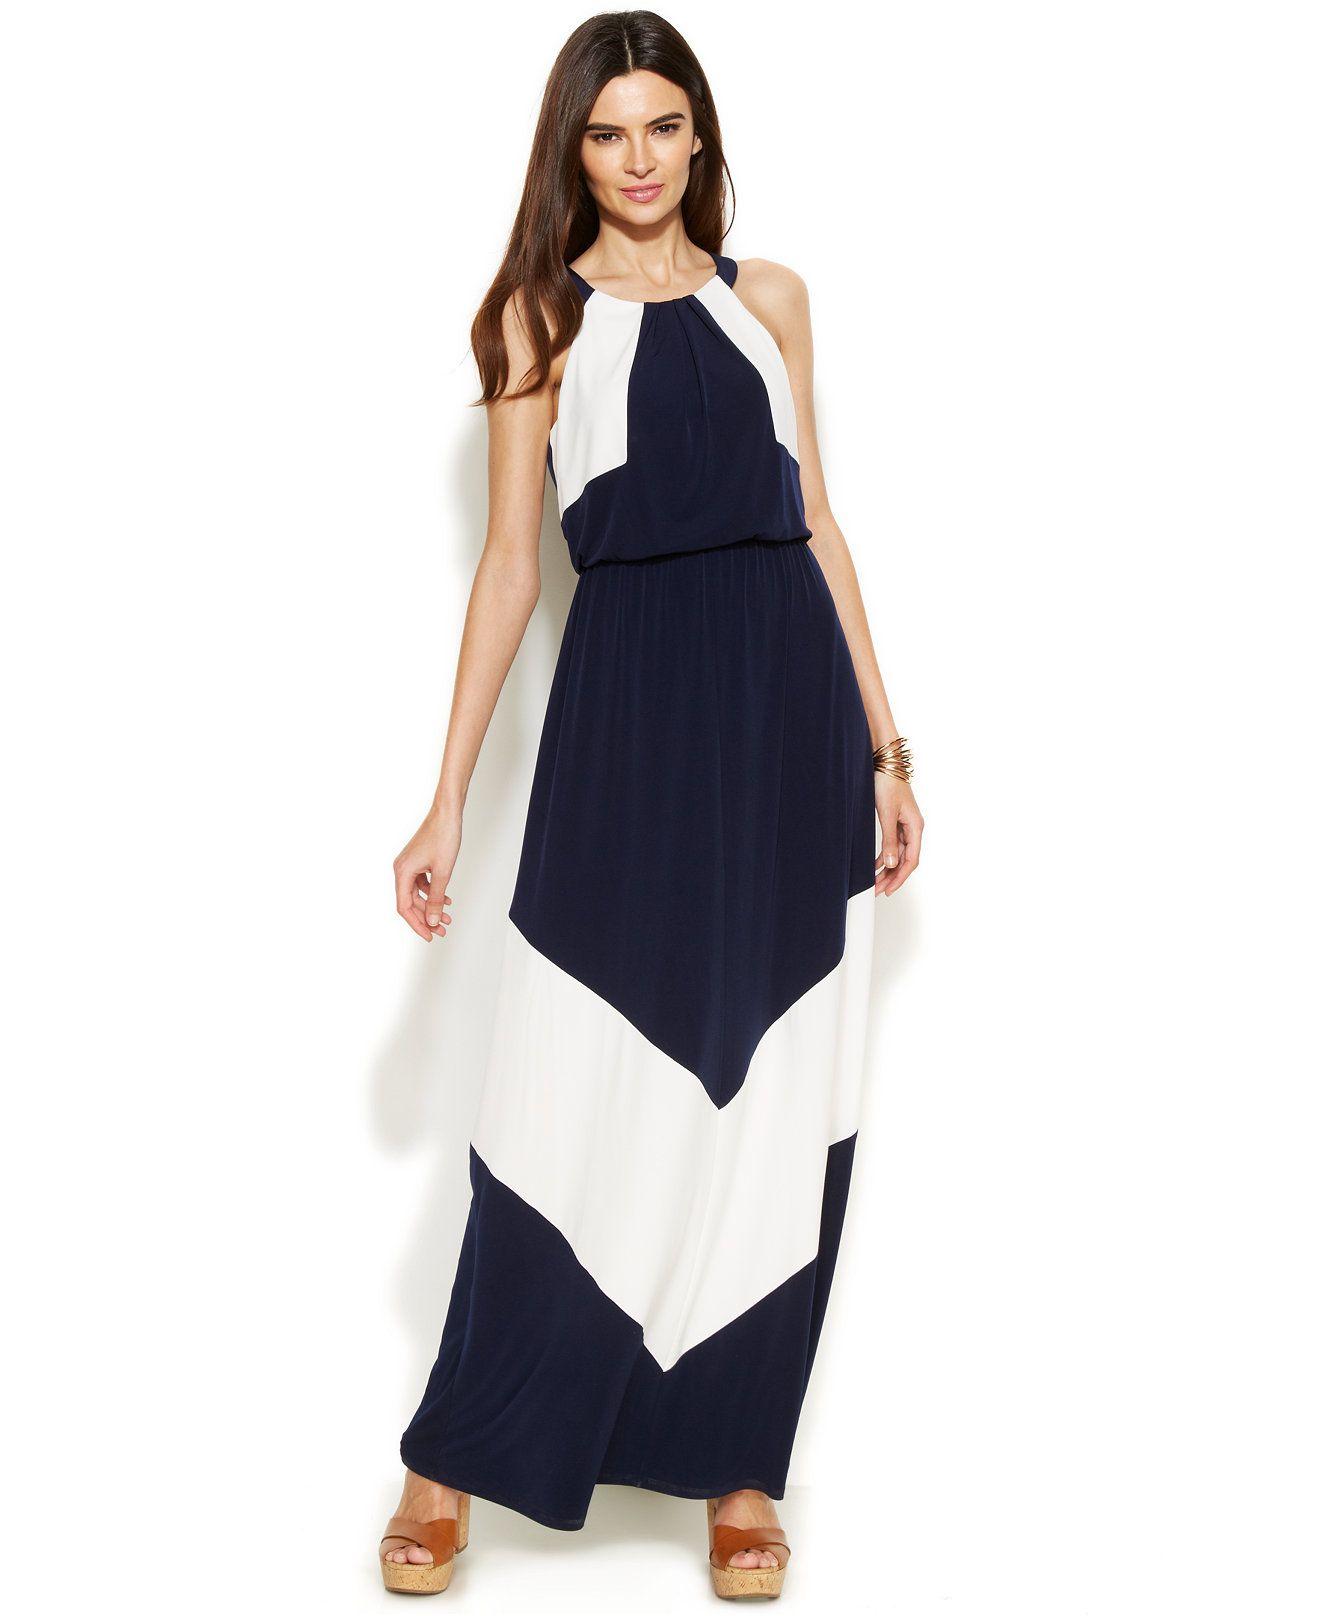 Vince Camuto Colorblock Halter Maxi Dress Dresses Women Macy S Womens Dresses Dresses Halter Maxi Dresses [ 1616 x 1320 Pixel ]